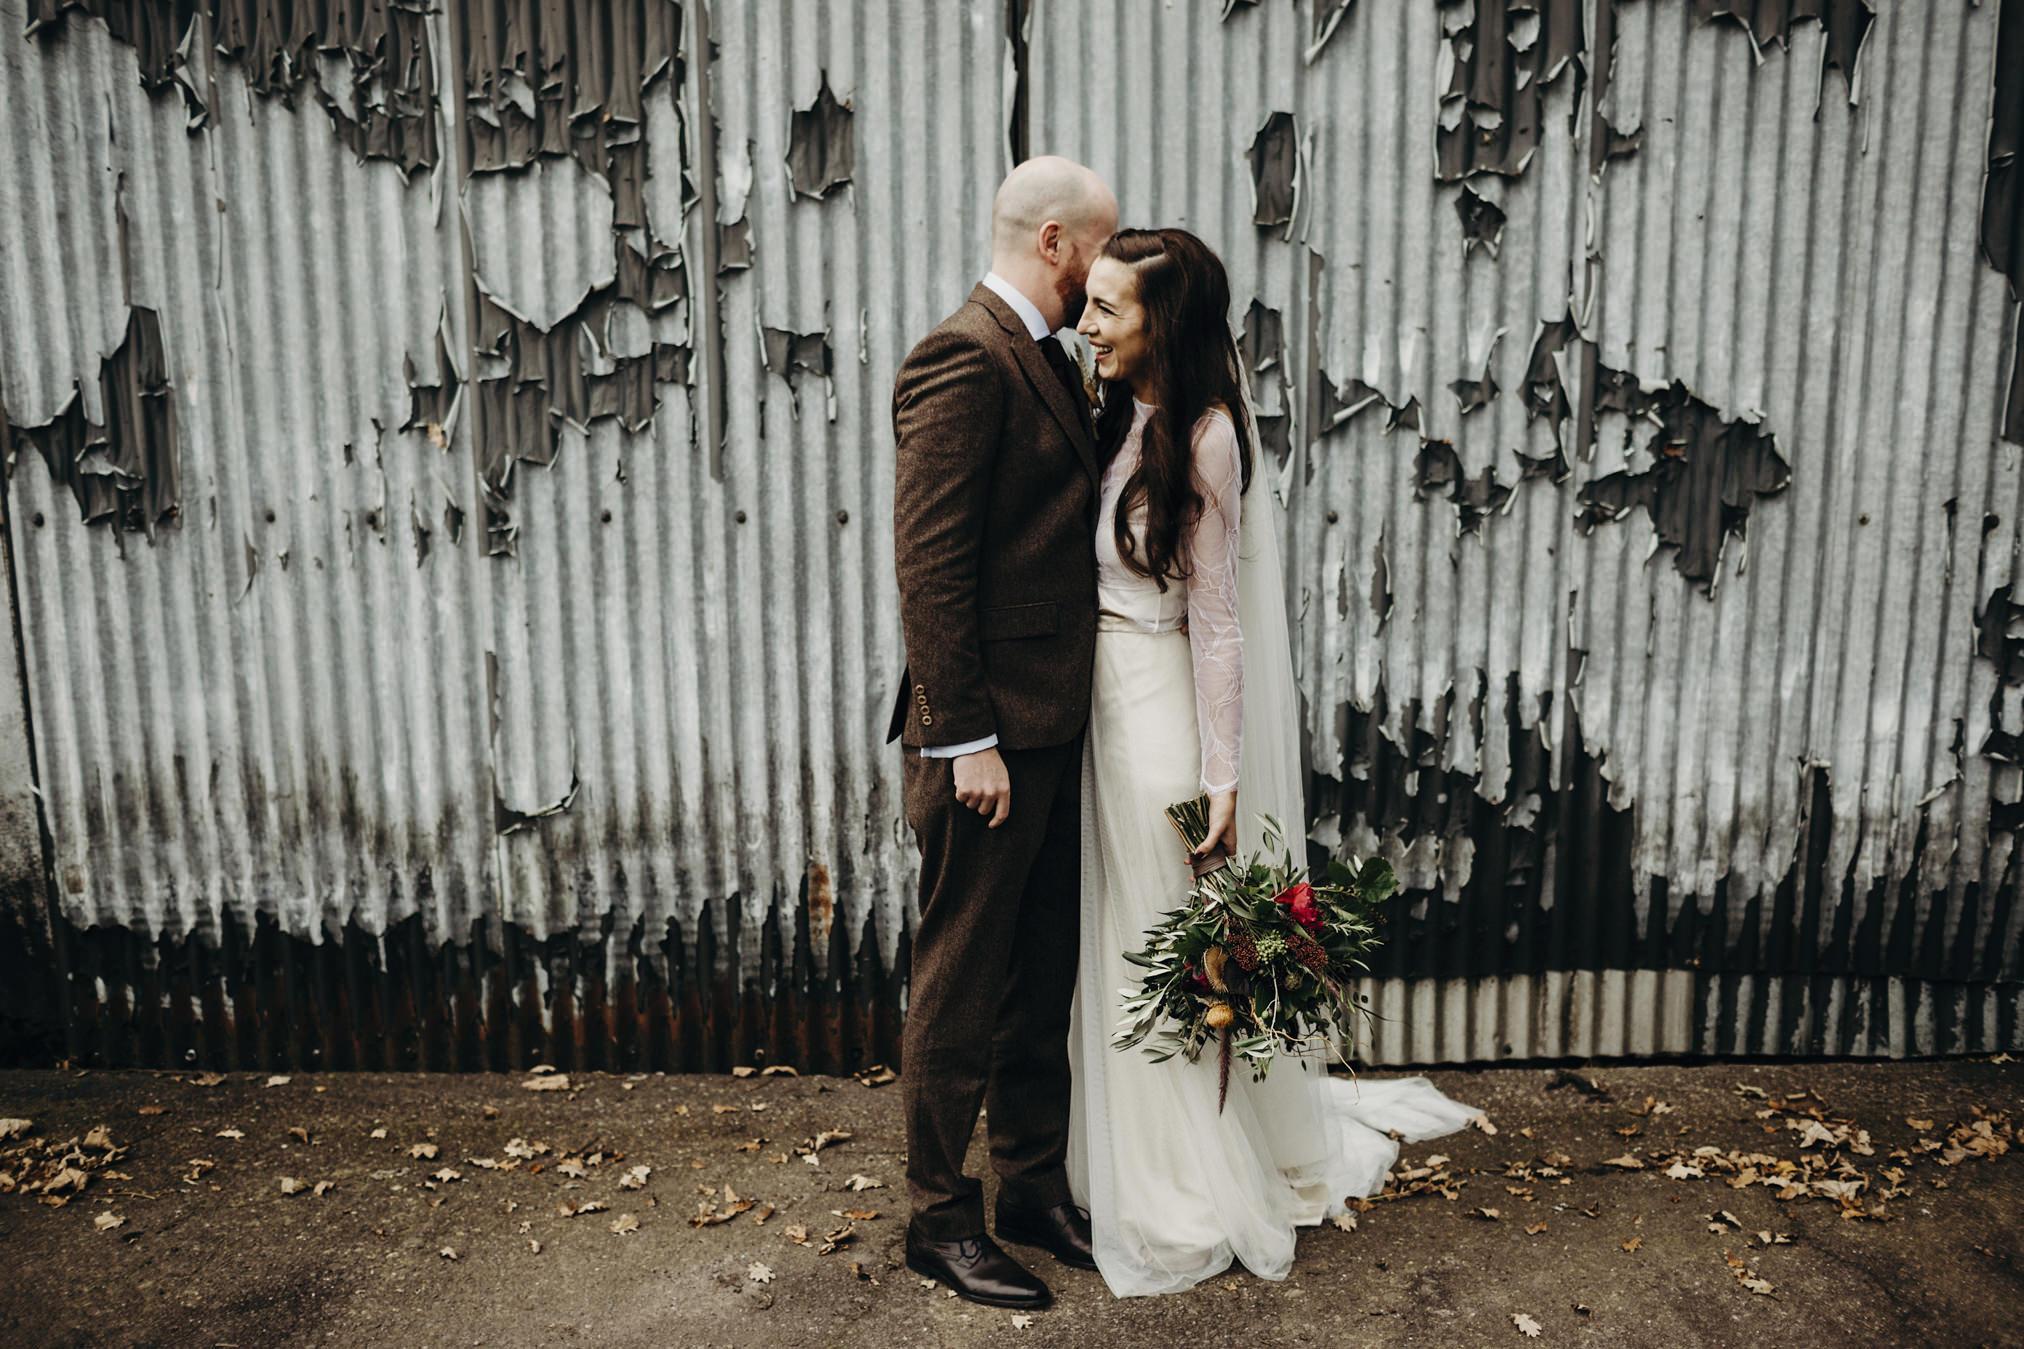 wedding photographer irelandGraciela Vilagudin Photography582.jpg